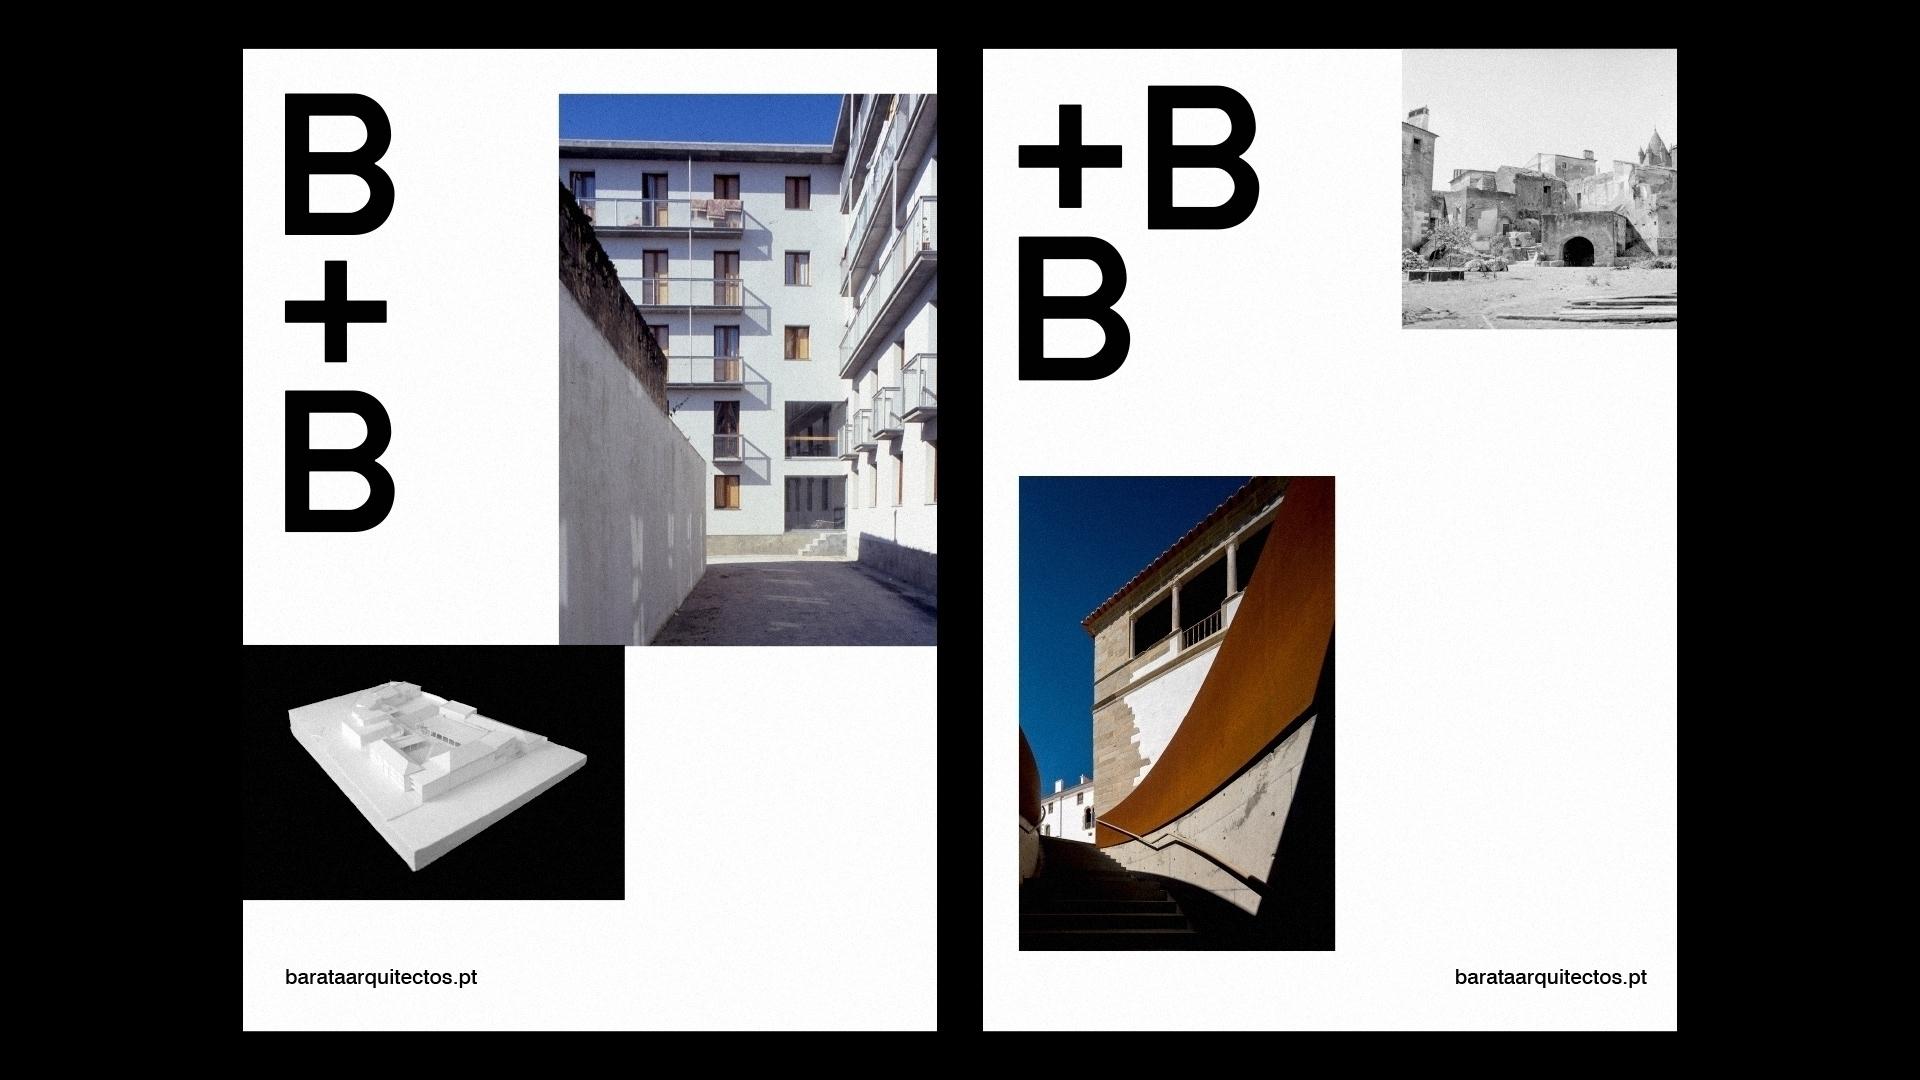 – Barata Arquitectos Architectu - nonverbalclub | ello